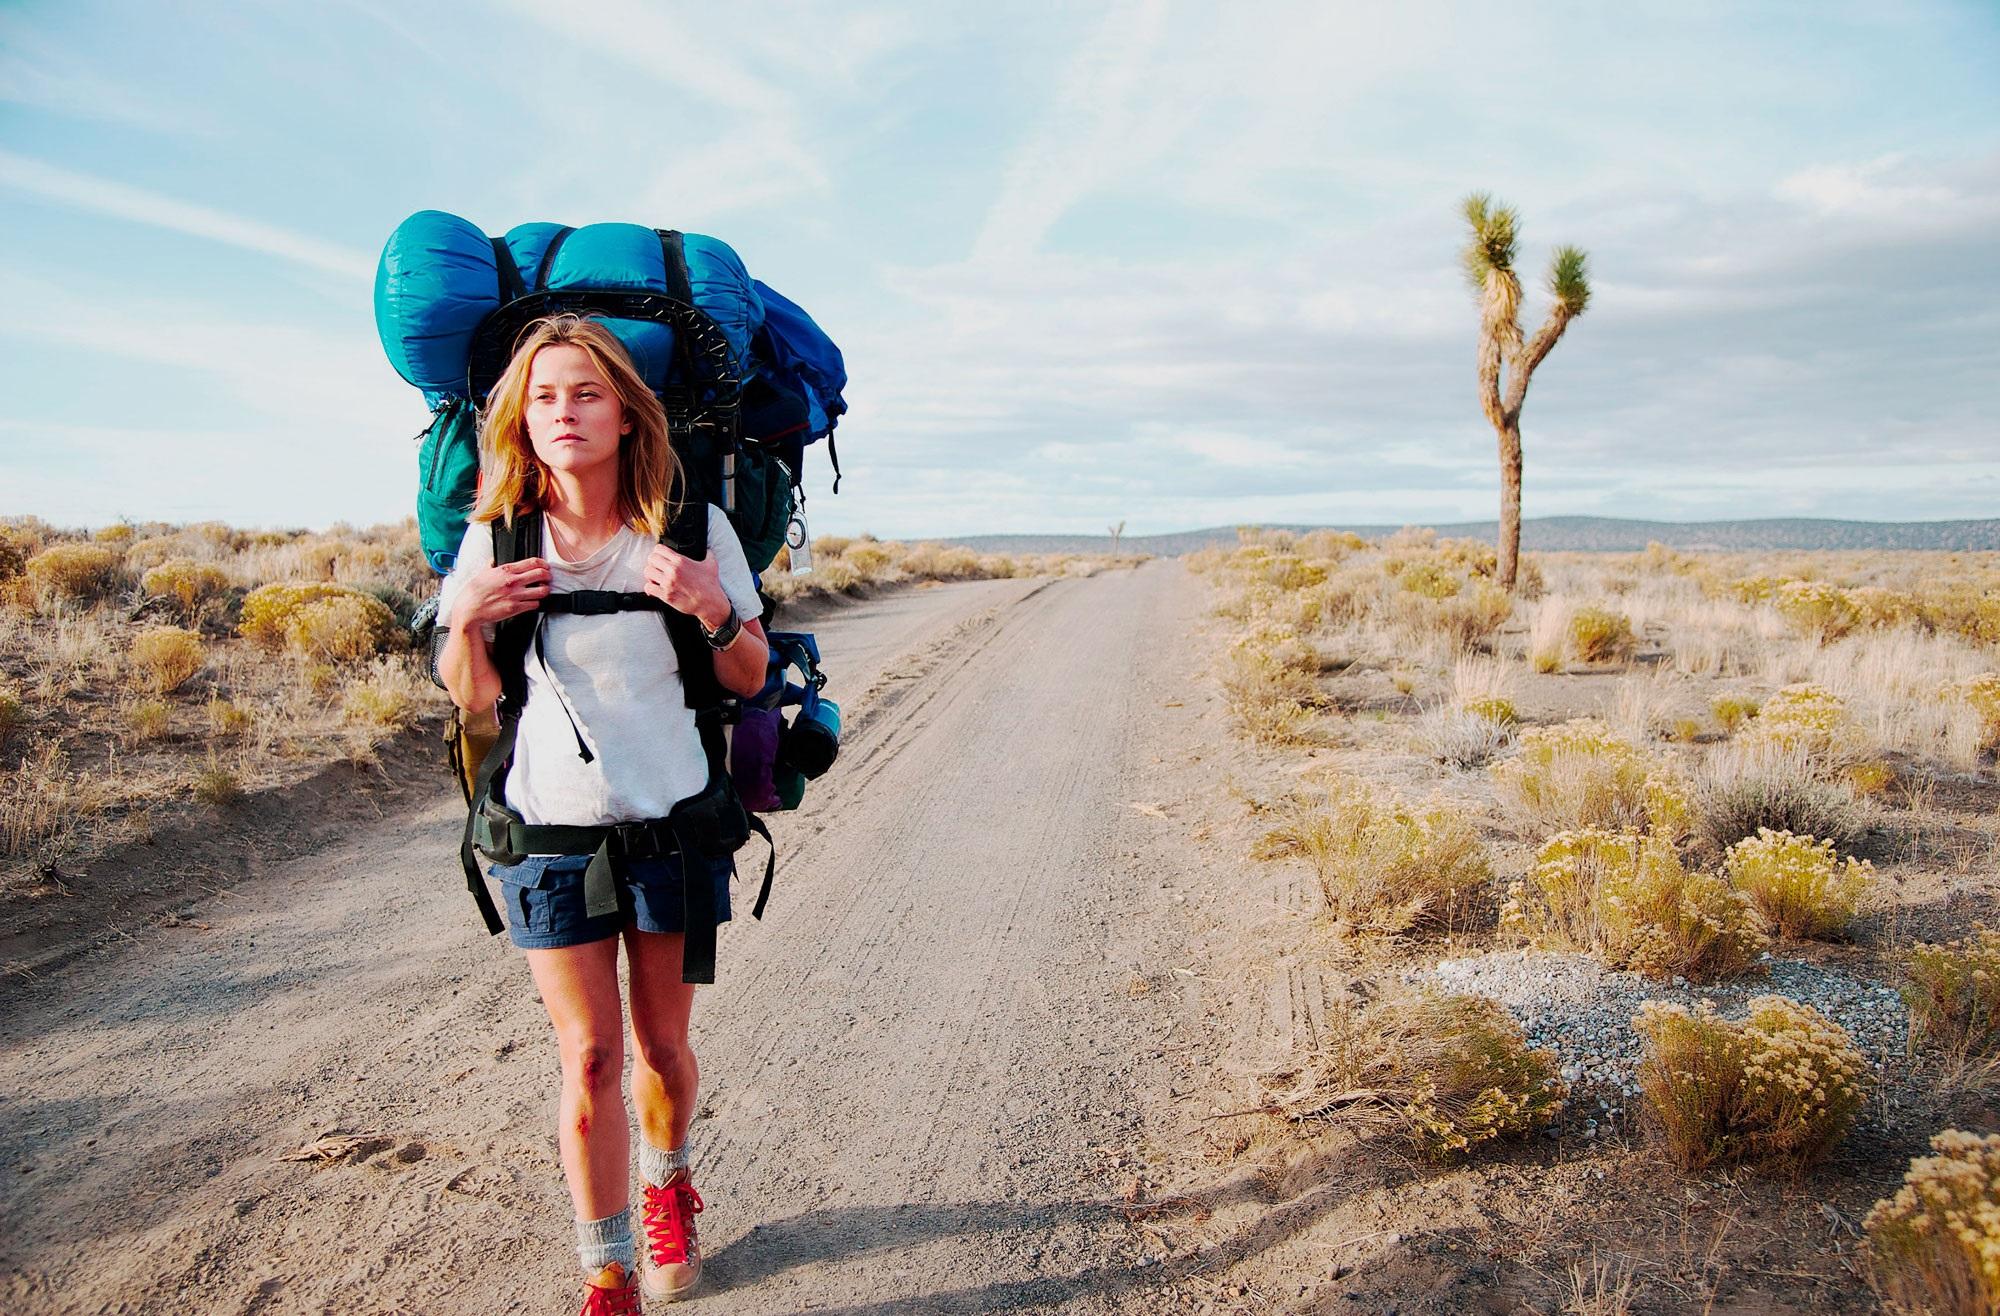 Học cao đẳng du lịch lữ hành bạn sẽ có nhiều cơ hội trải nghiệm thực tế